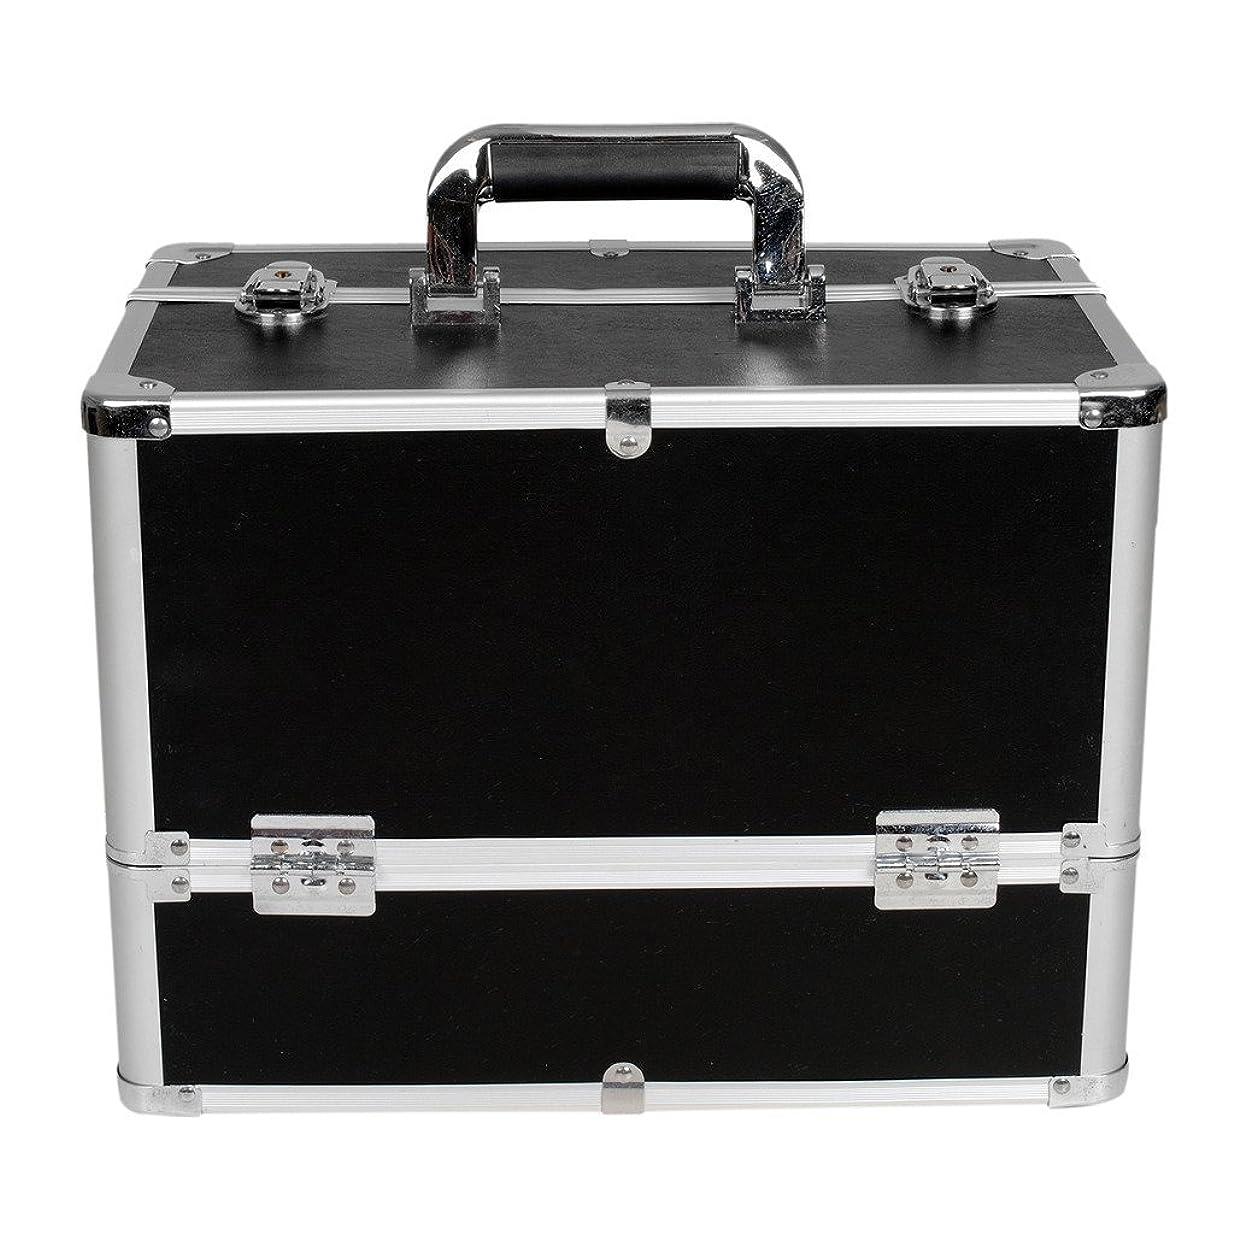 規範交じるダニ[プロ仕様]Hapilife メイクボックス 大容量 6つトレイ 幅37cm ネイル ジュエリー ドライヤー アクセサリー シューケア用品 収納ケース ブラック